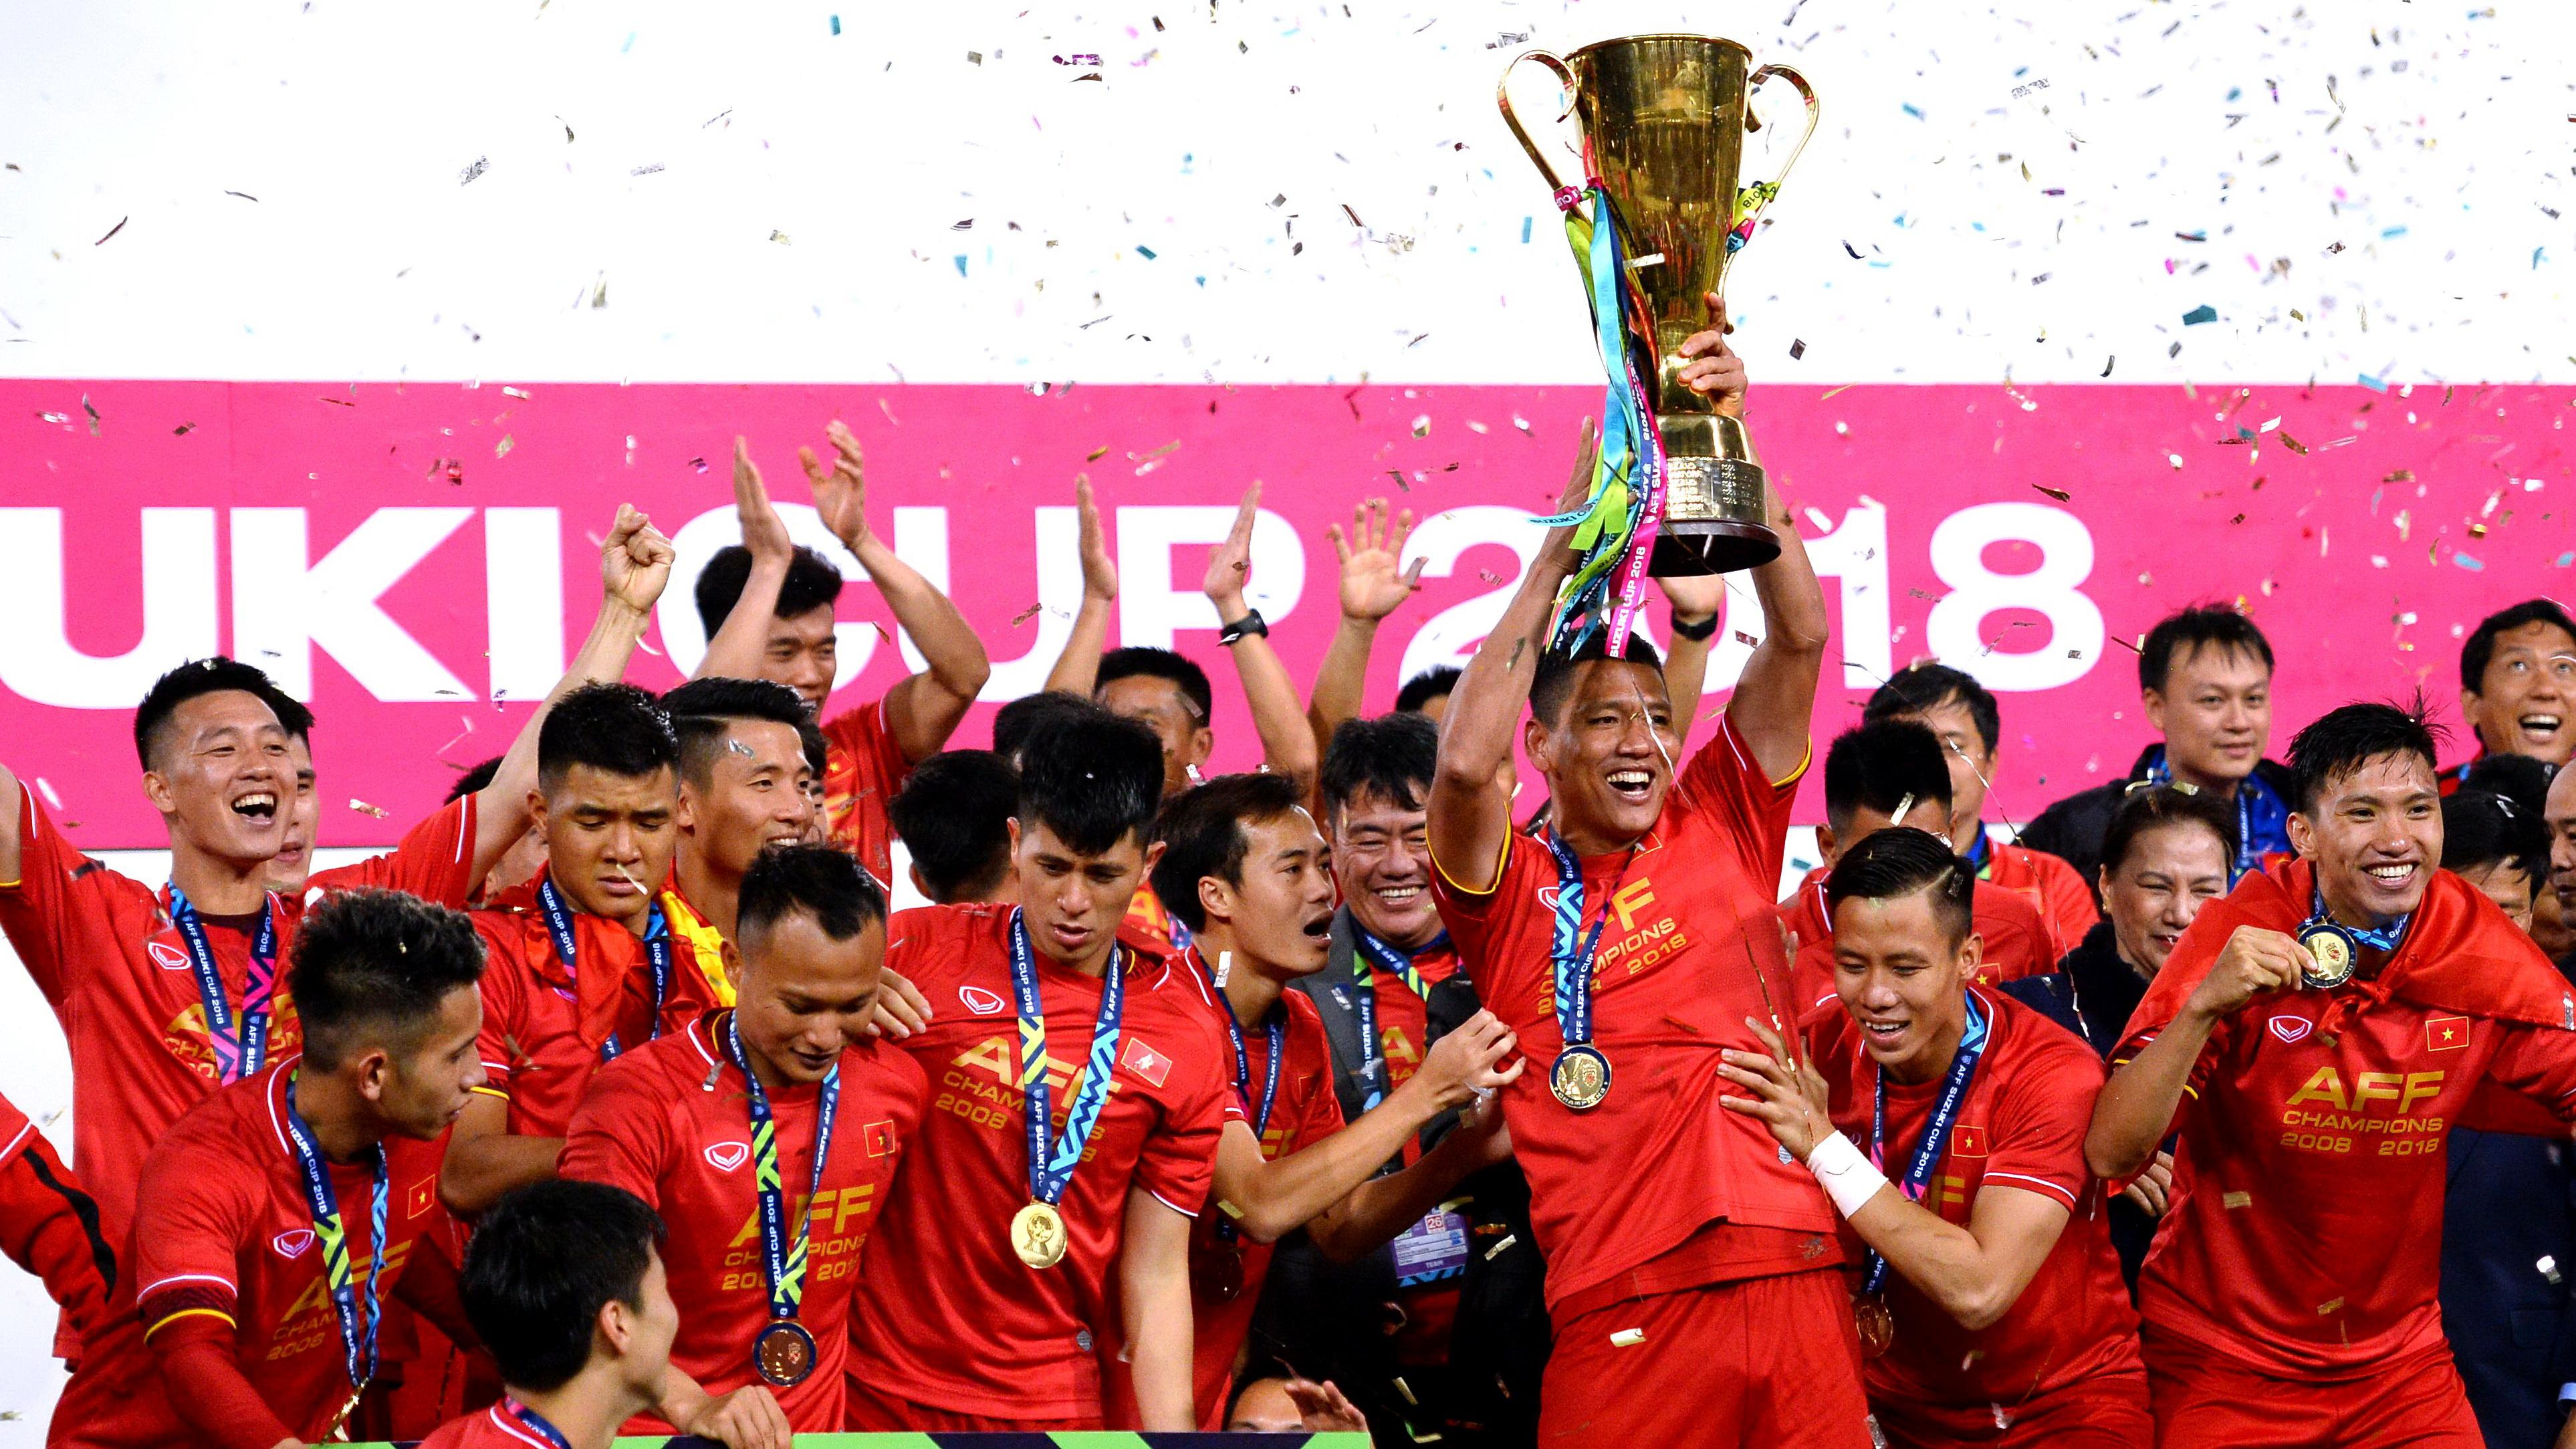 Xem lại Việt Nam vs Malaysia, 15/12/2018 (chung kết lượt về AFF Cup 2018)